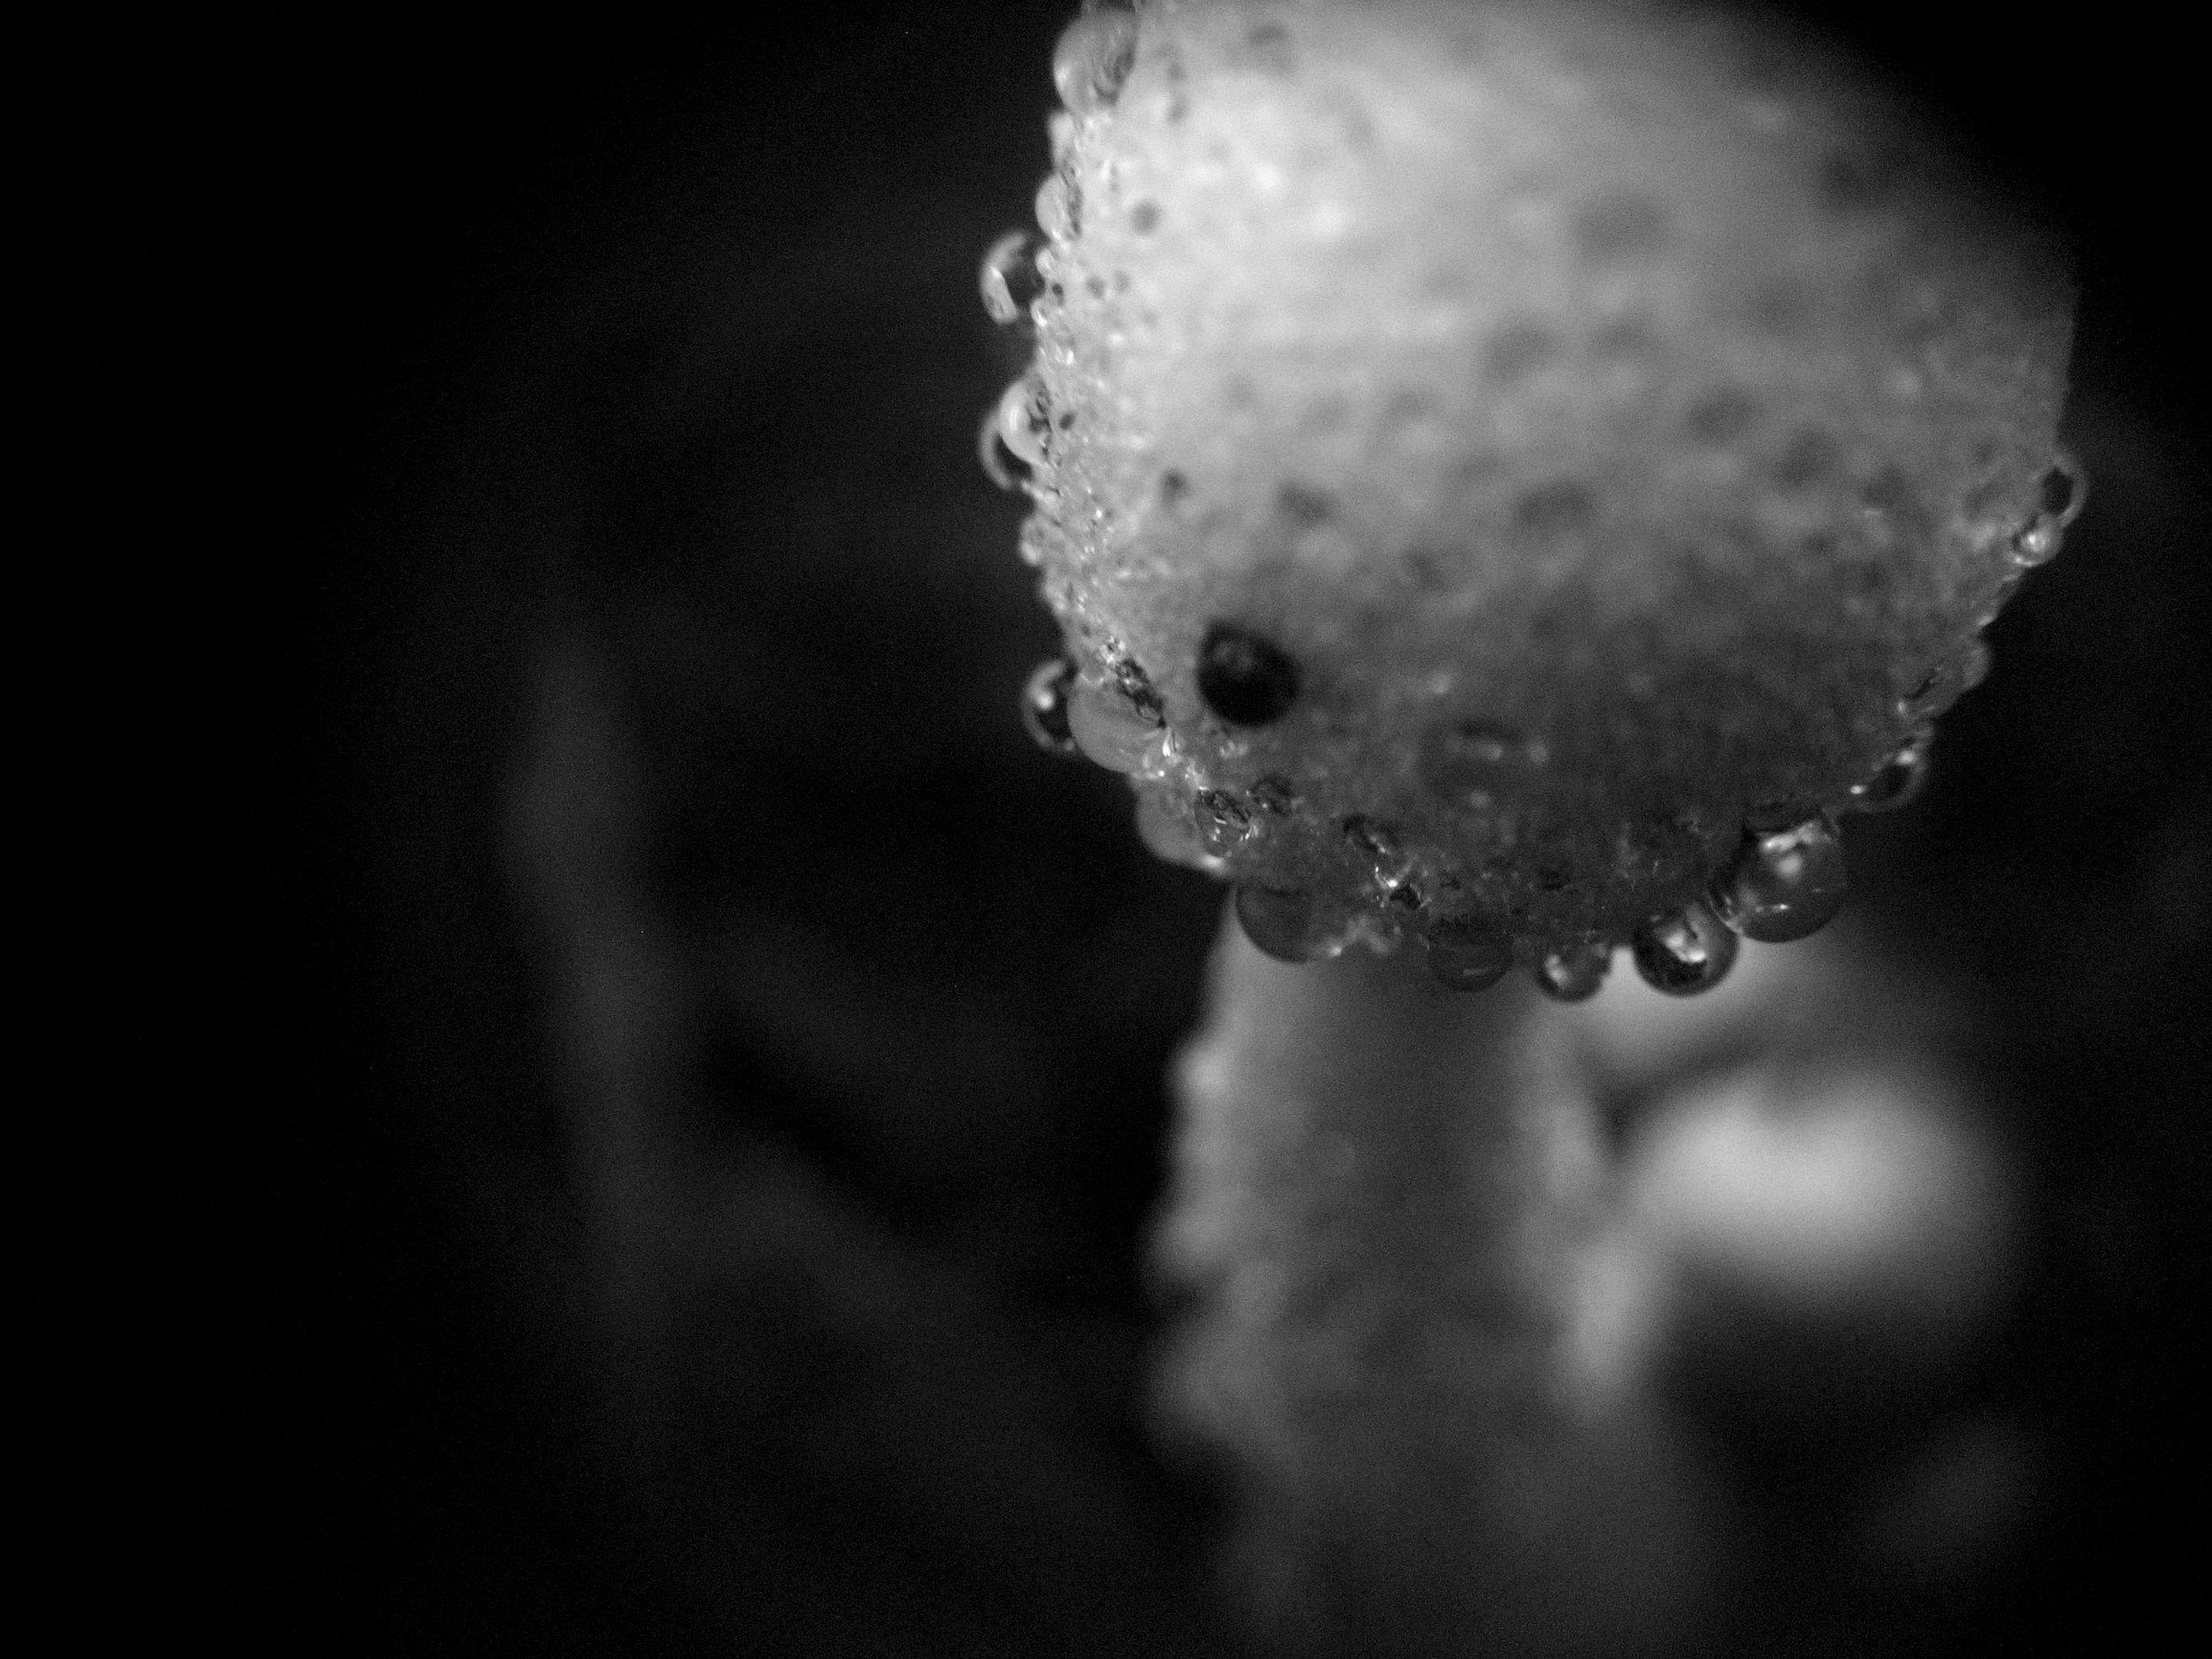 Dotshroom.jpg